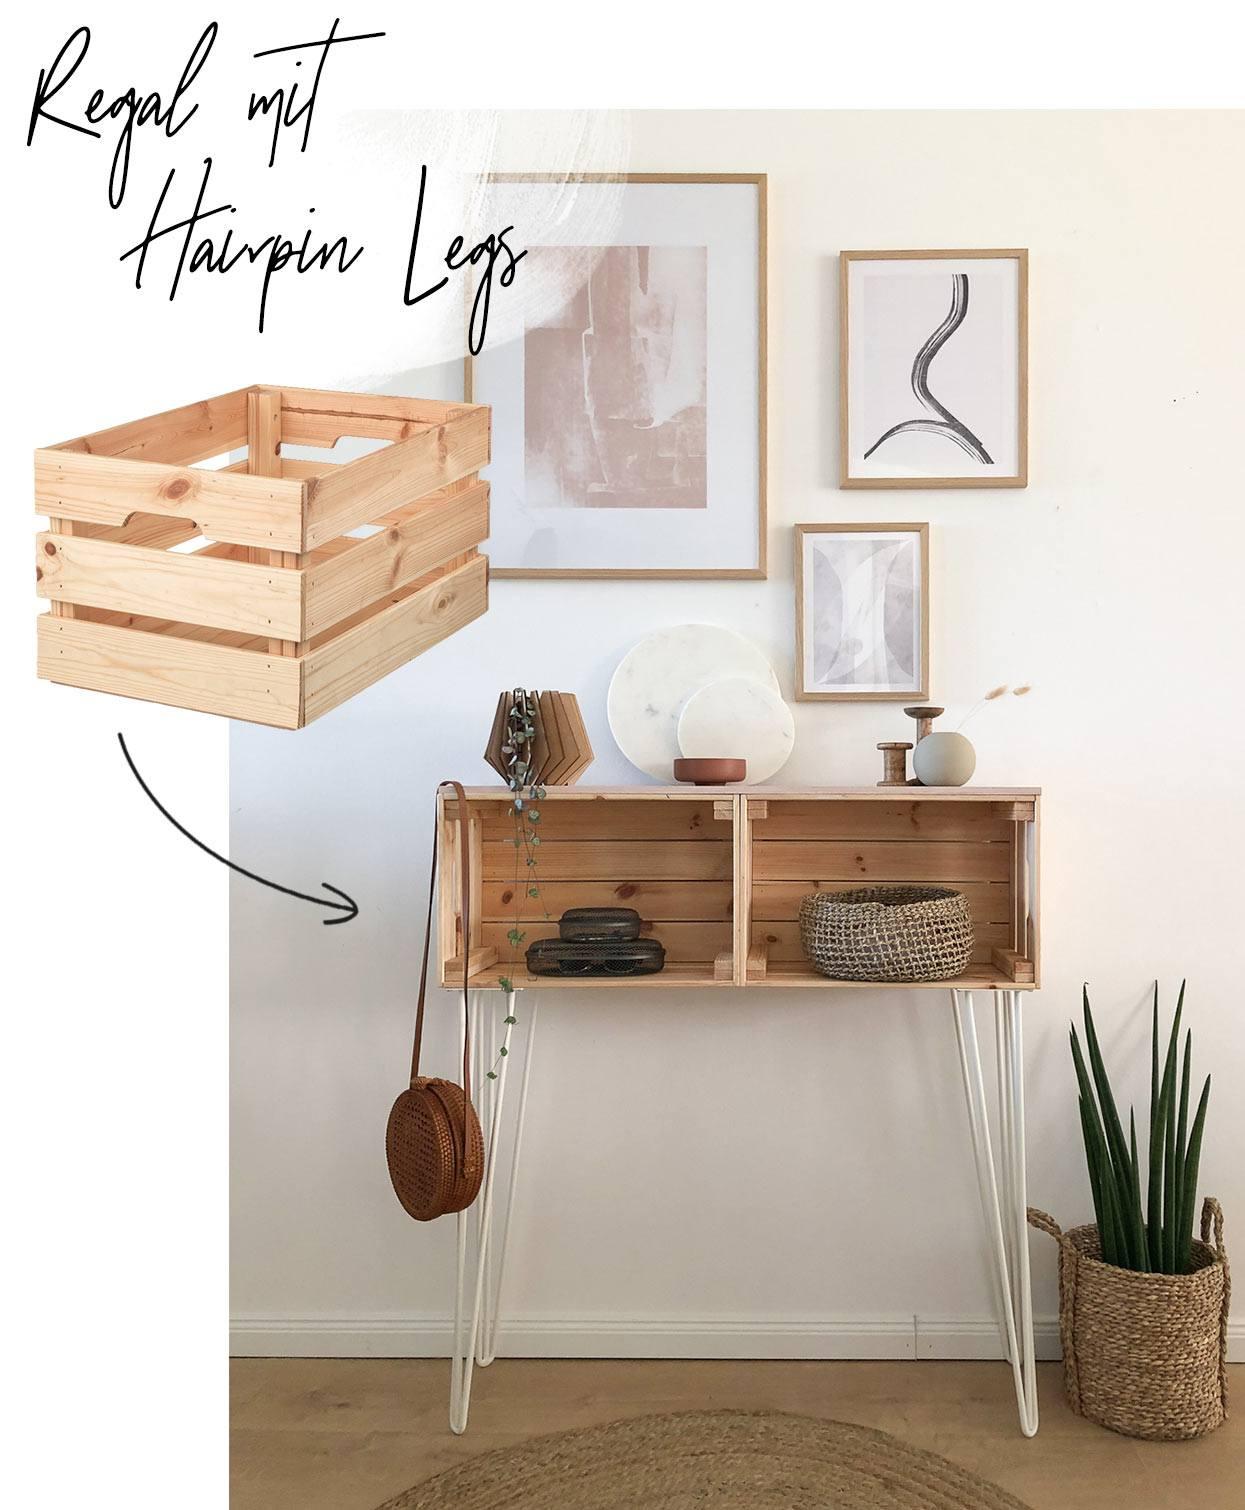 Full Size of Ikea Miniküche Küche Kosten Kaufen Aufbewahrung Aufbewahrungssystem Betten Bei Aufbewahrungsbehälter Sofa Mit Schlaffunktion Aufbewahrungsbox Garten Wohnzimmer Ikea Hacks Aufbewahrung